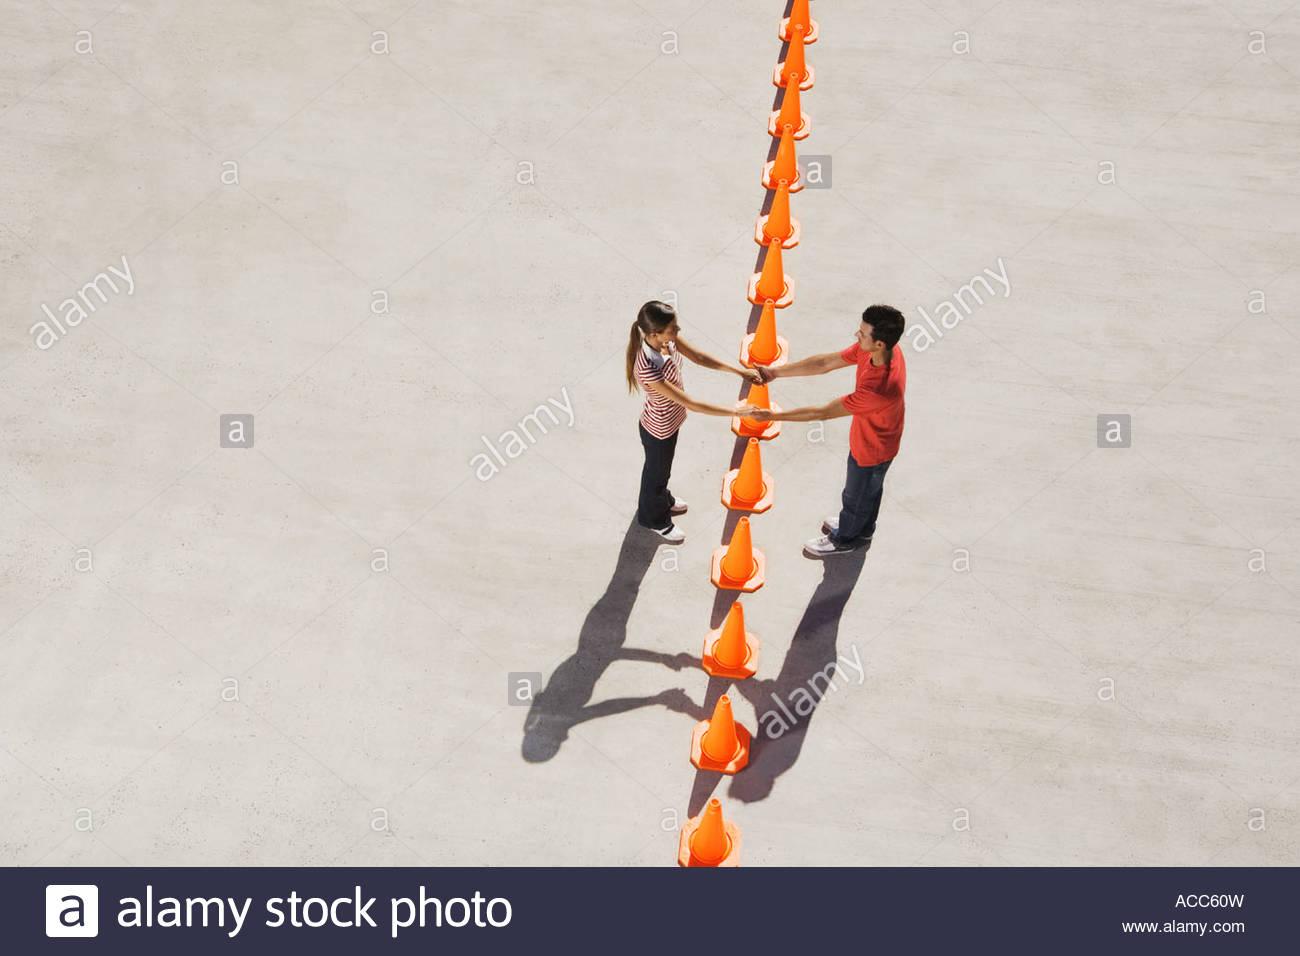 El hombre y la mujer tomados de las manos por encima de la fila de conos de tráfico Imagen De Stock